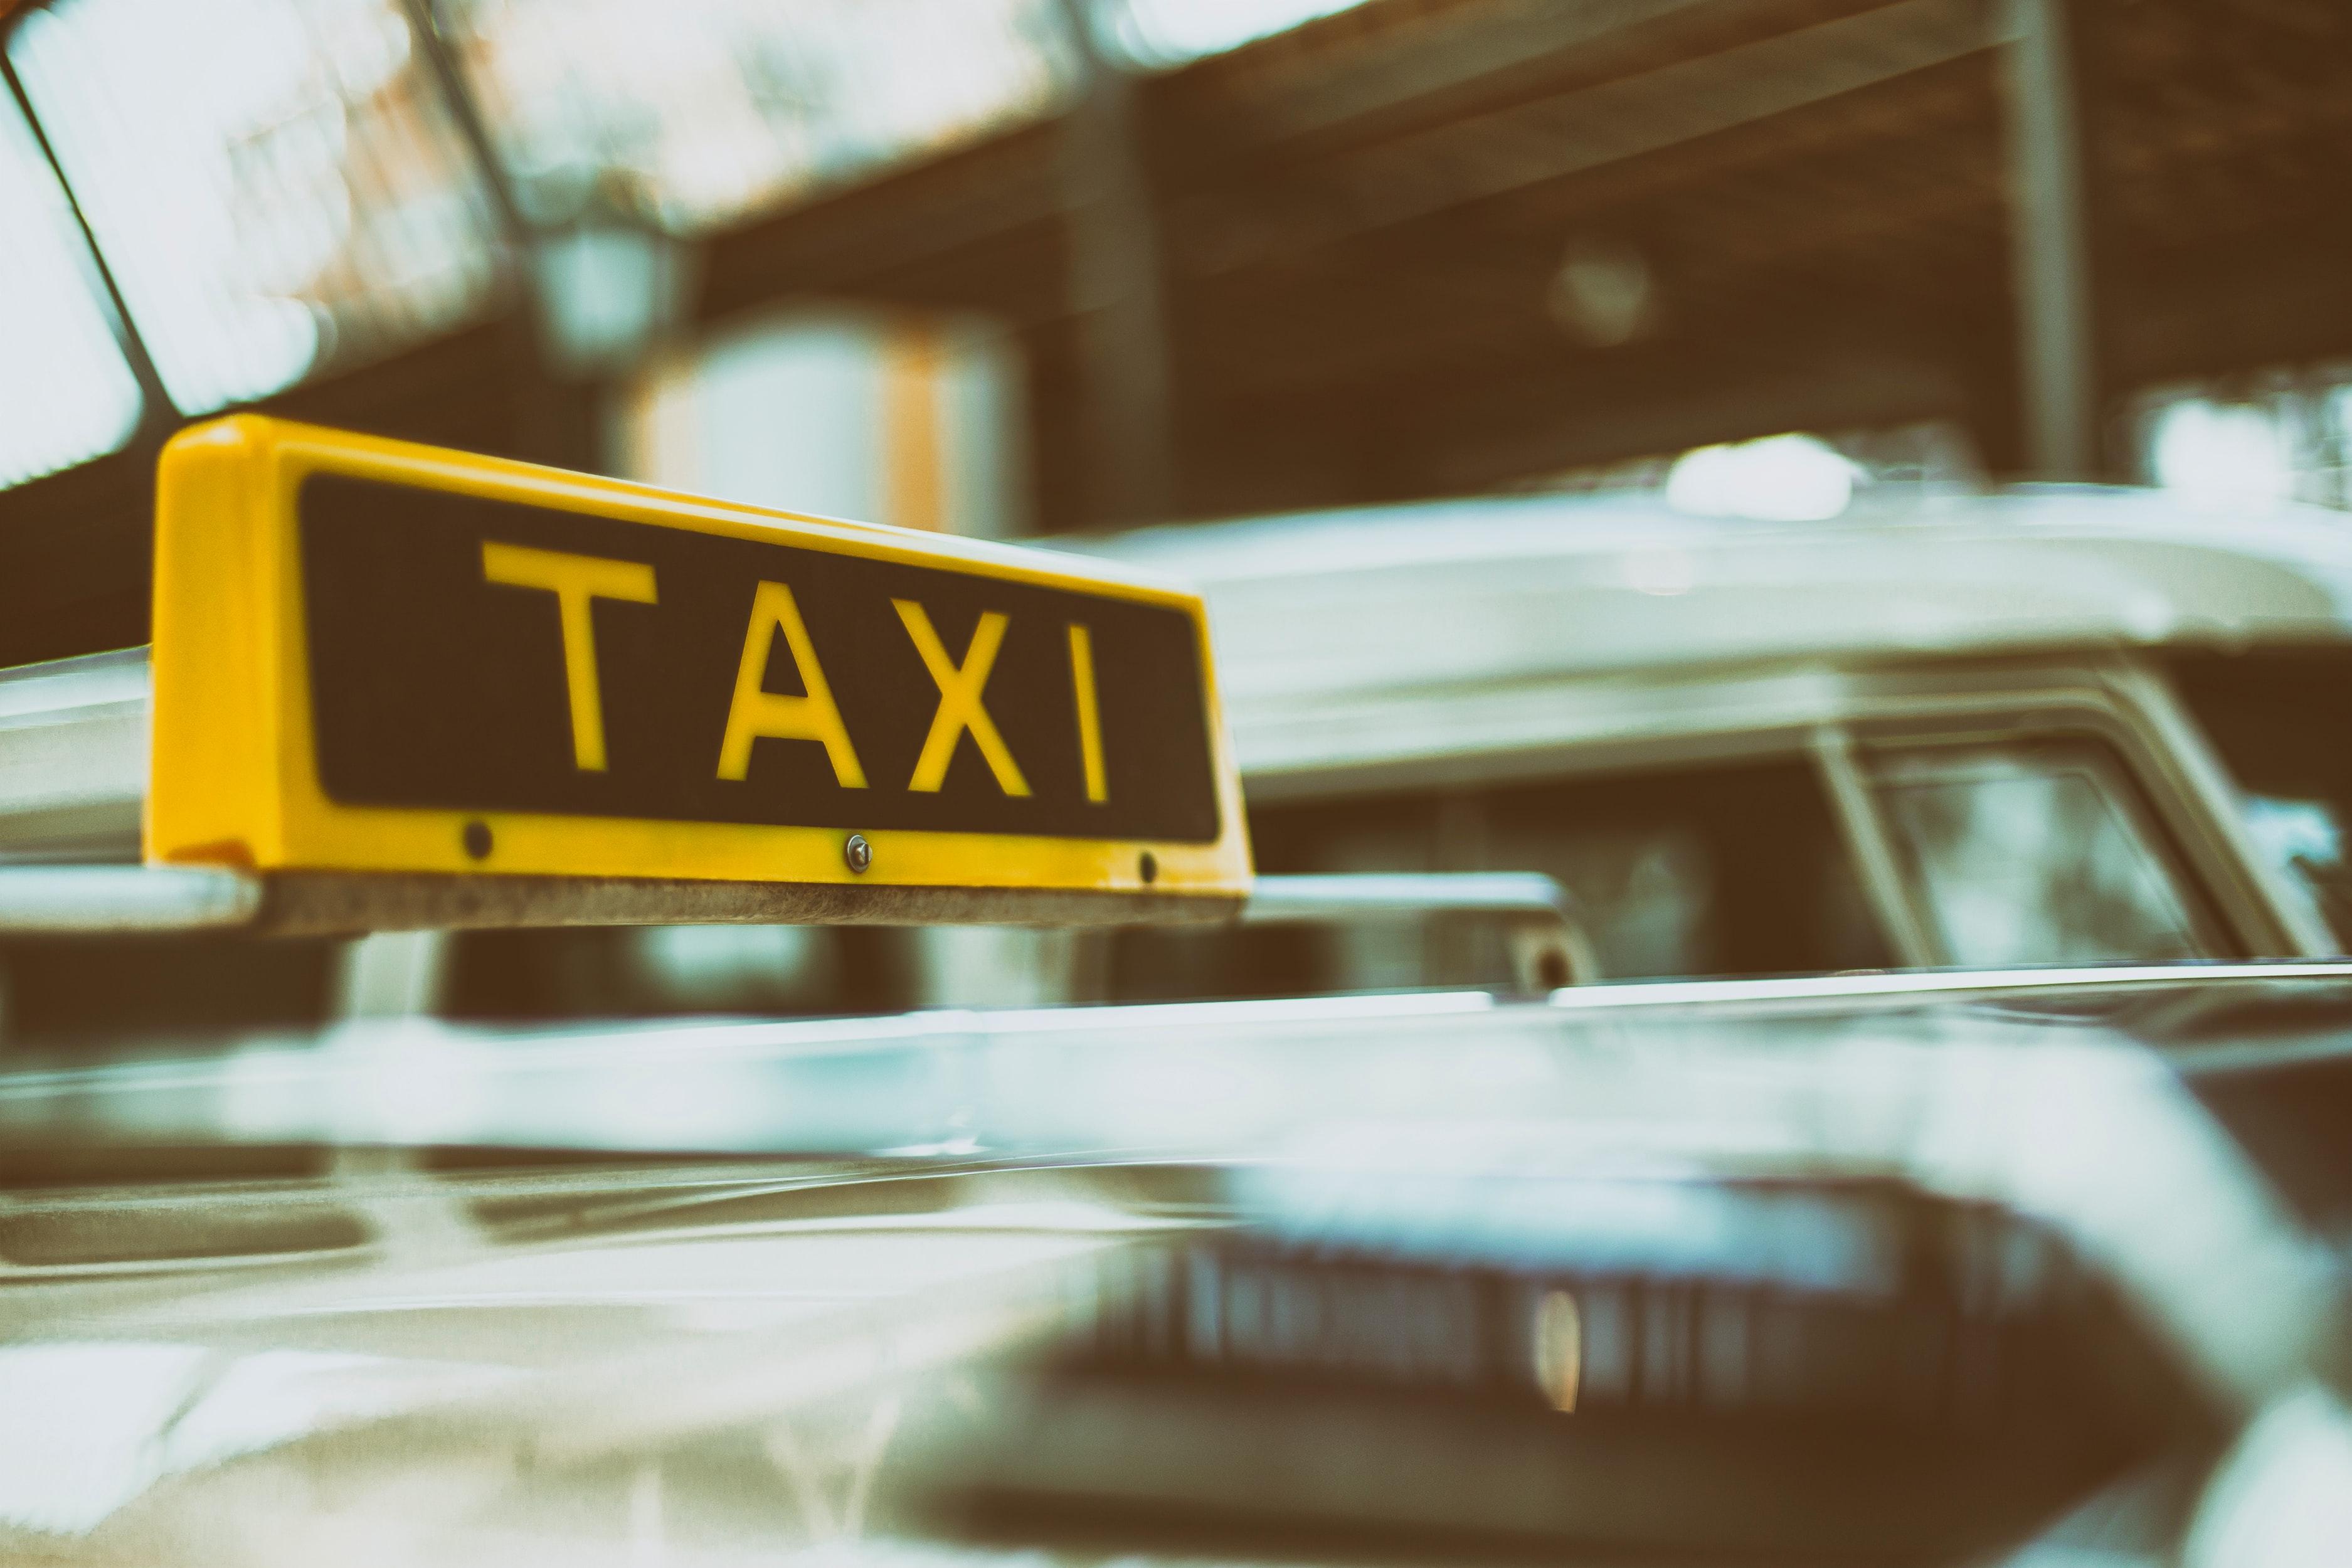 【夢占い】タクシーの夢の意味17選!乗る夢など!協力者を表す?